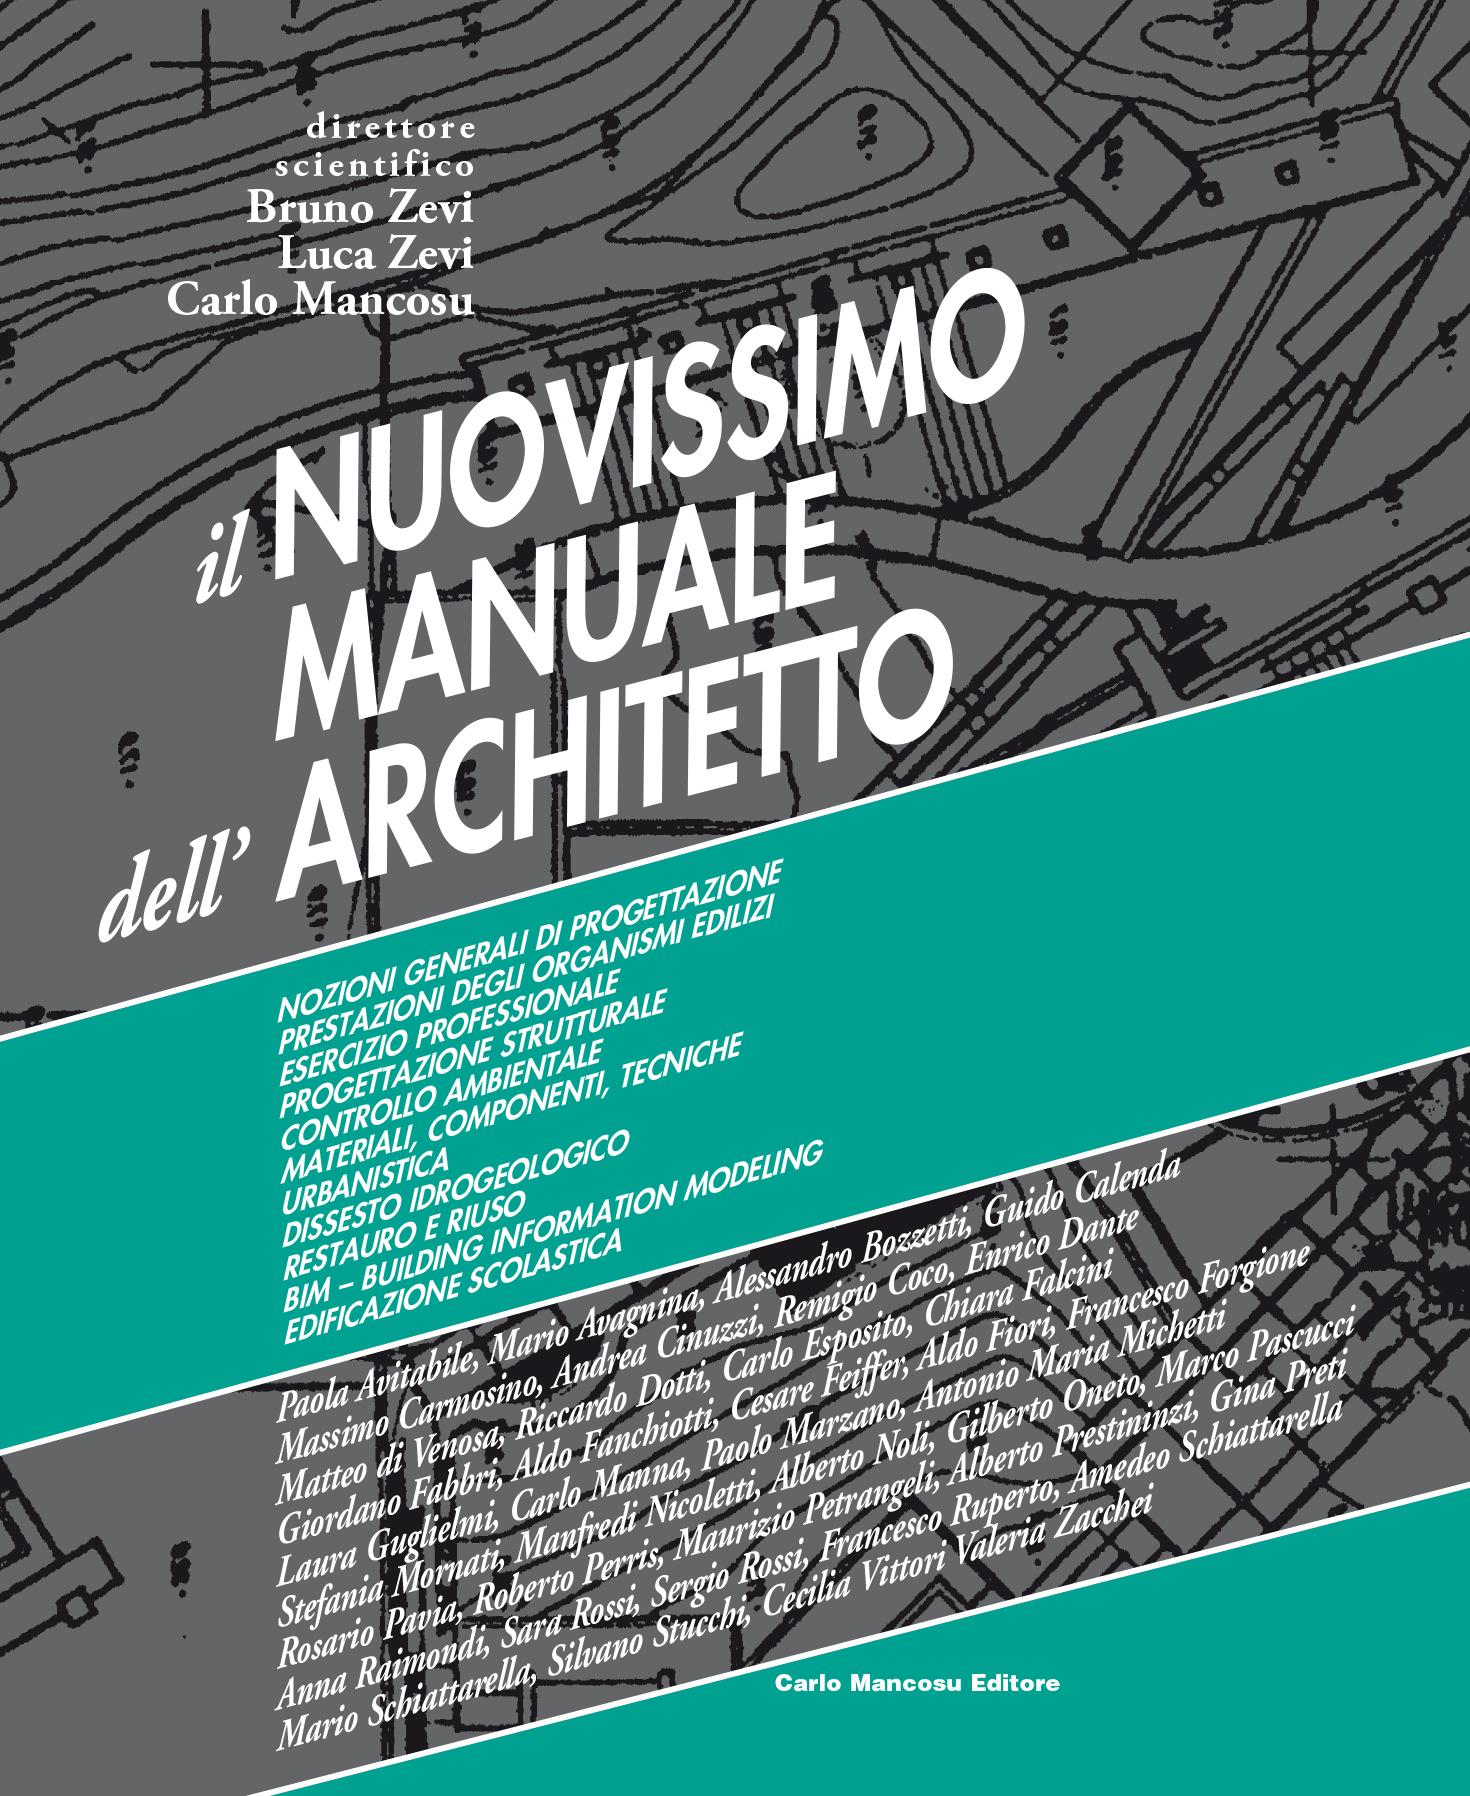 Il Nuovissimo Manuale dell'Architetto - edizione 2019 Opera in 3 volumi per complessine 1824 pagine